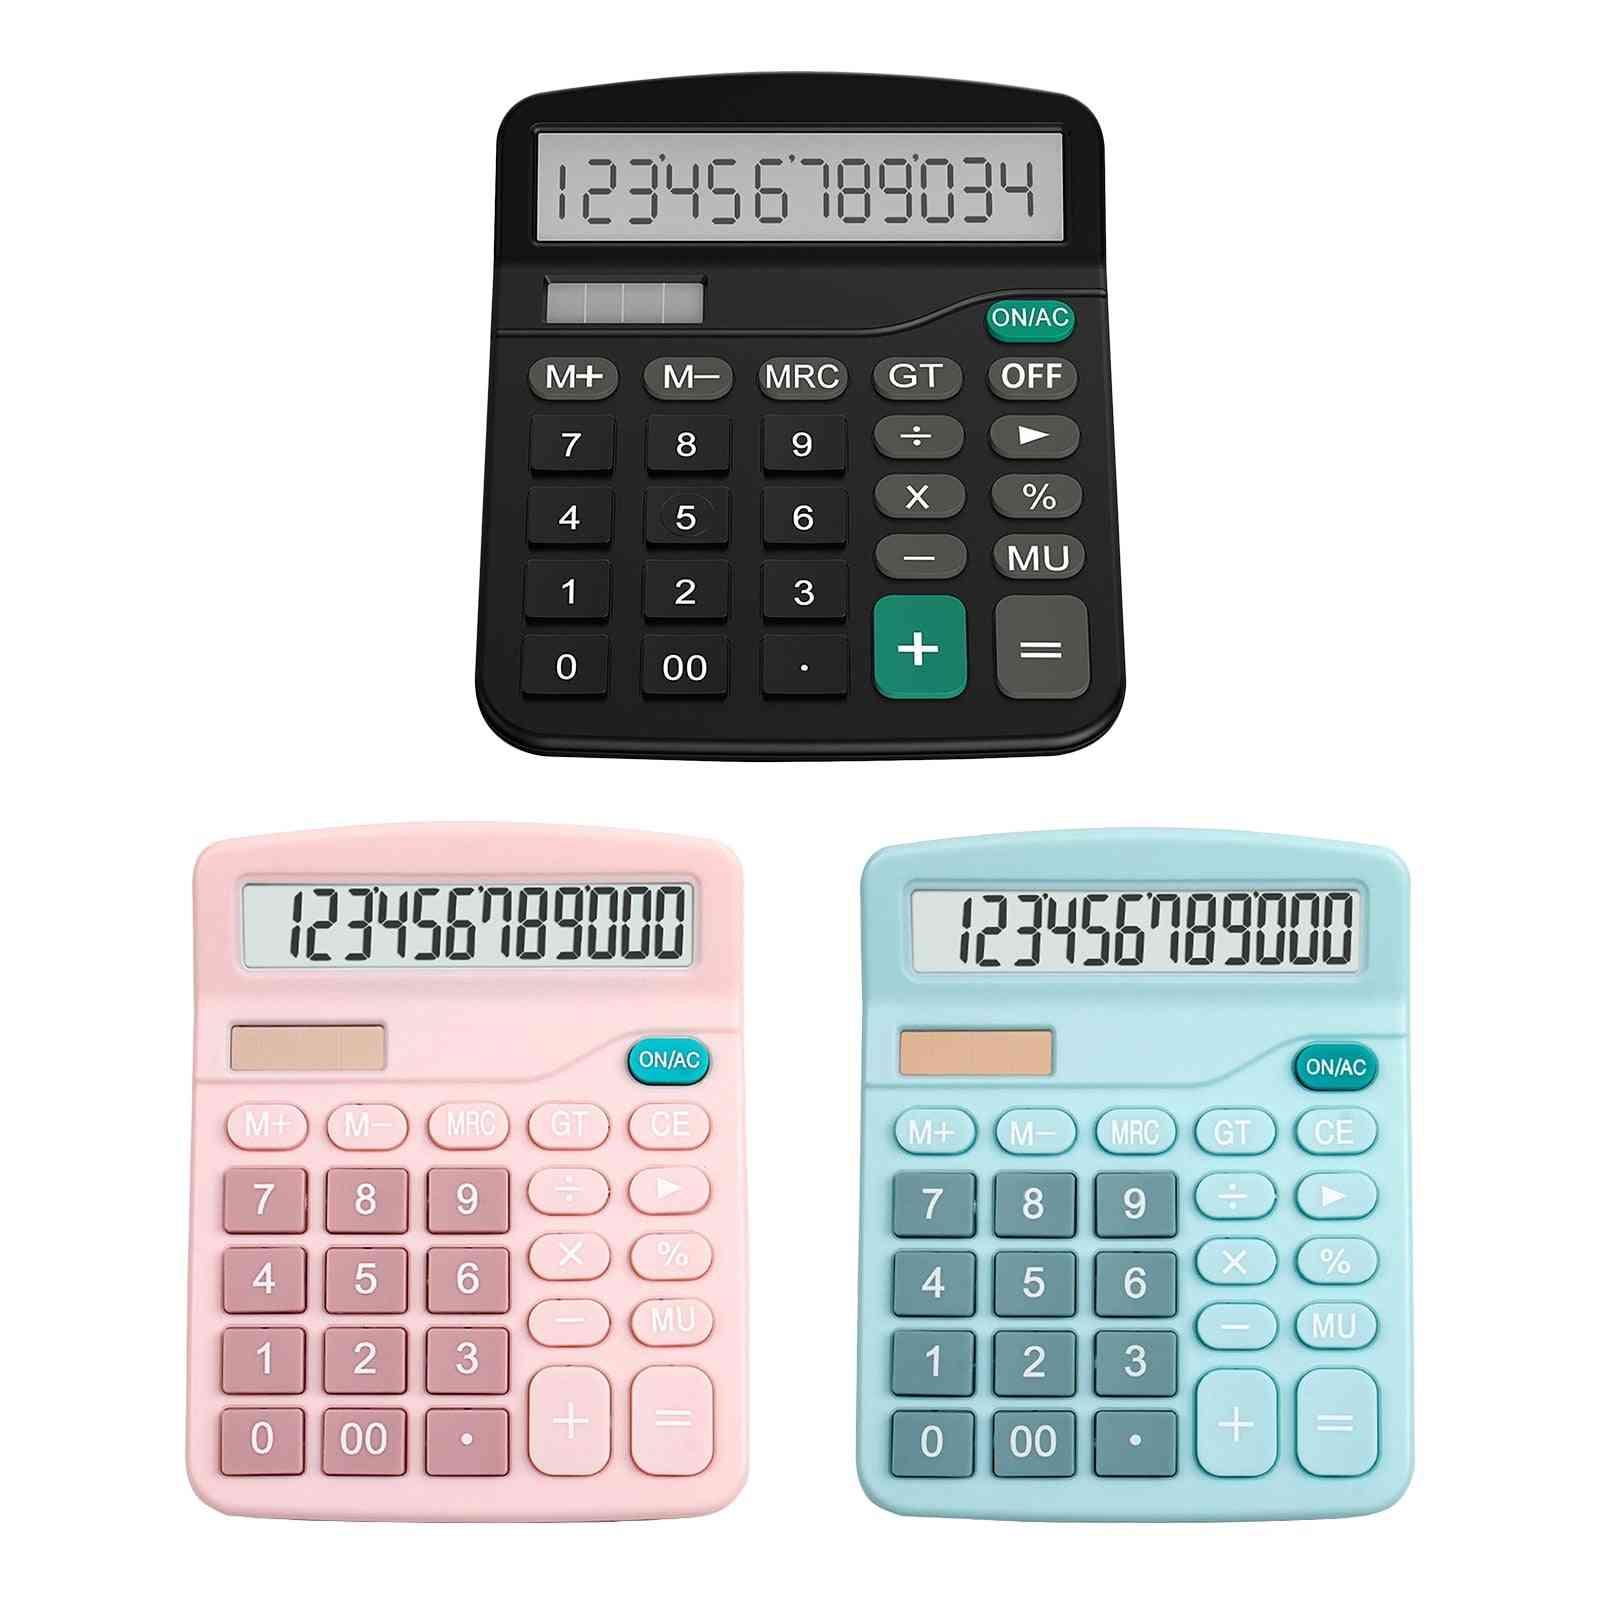 Office Handheld Desktop Calculator